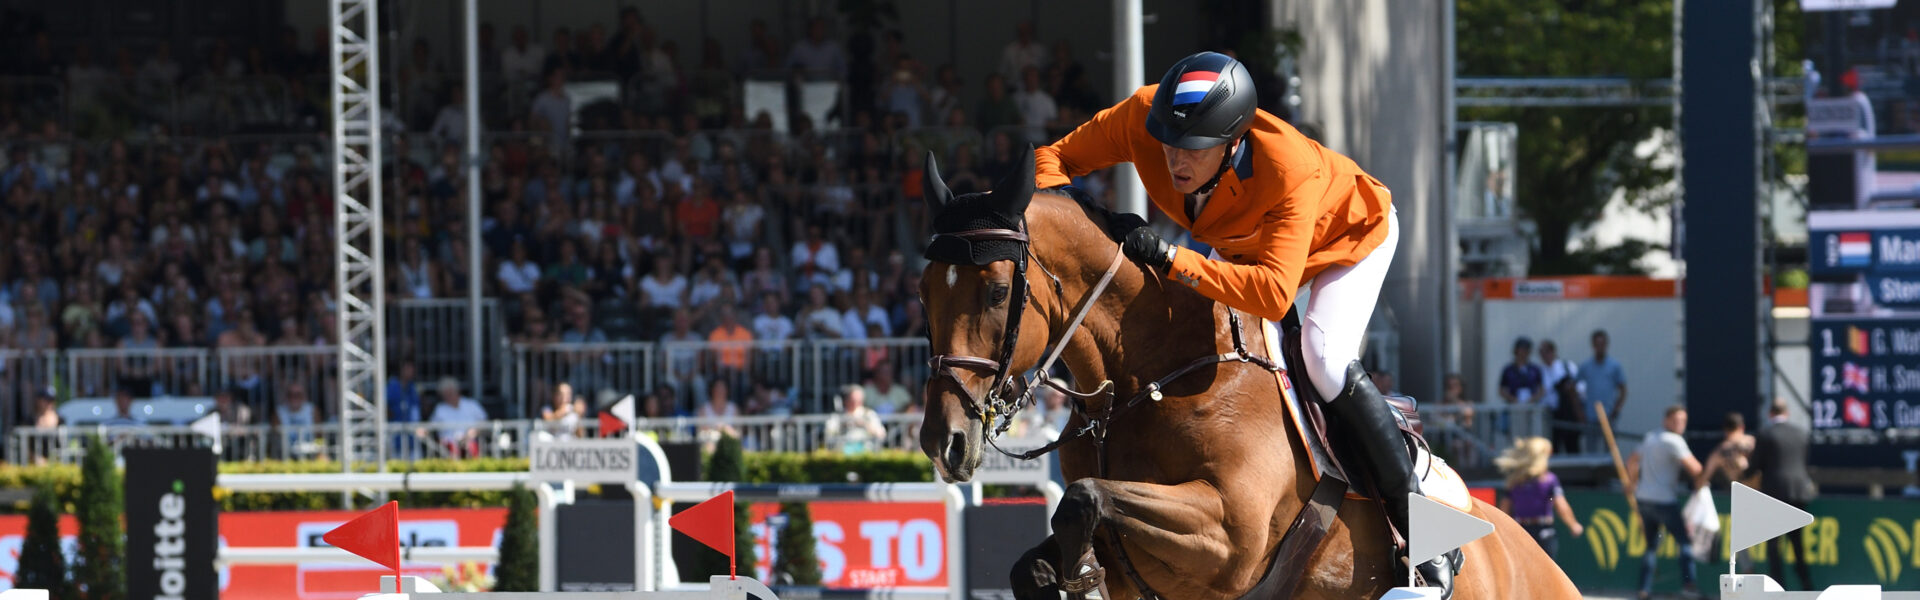 BJS 2454 Marc Houtzager Sterrehof s Calimero NED